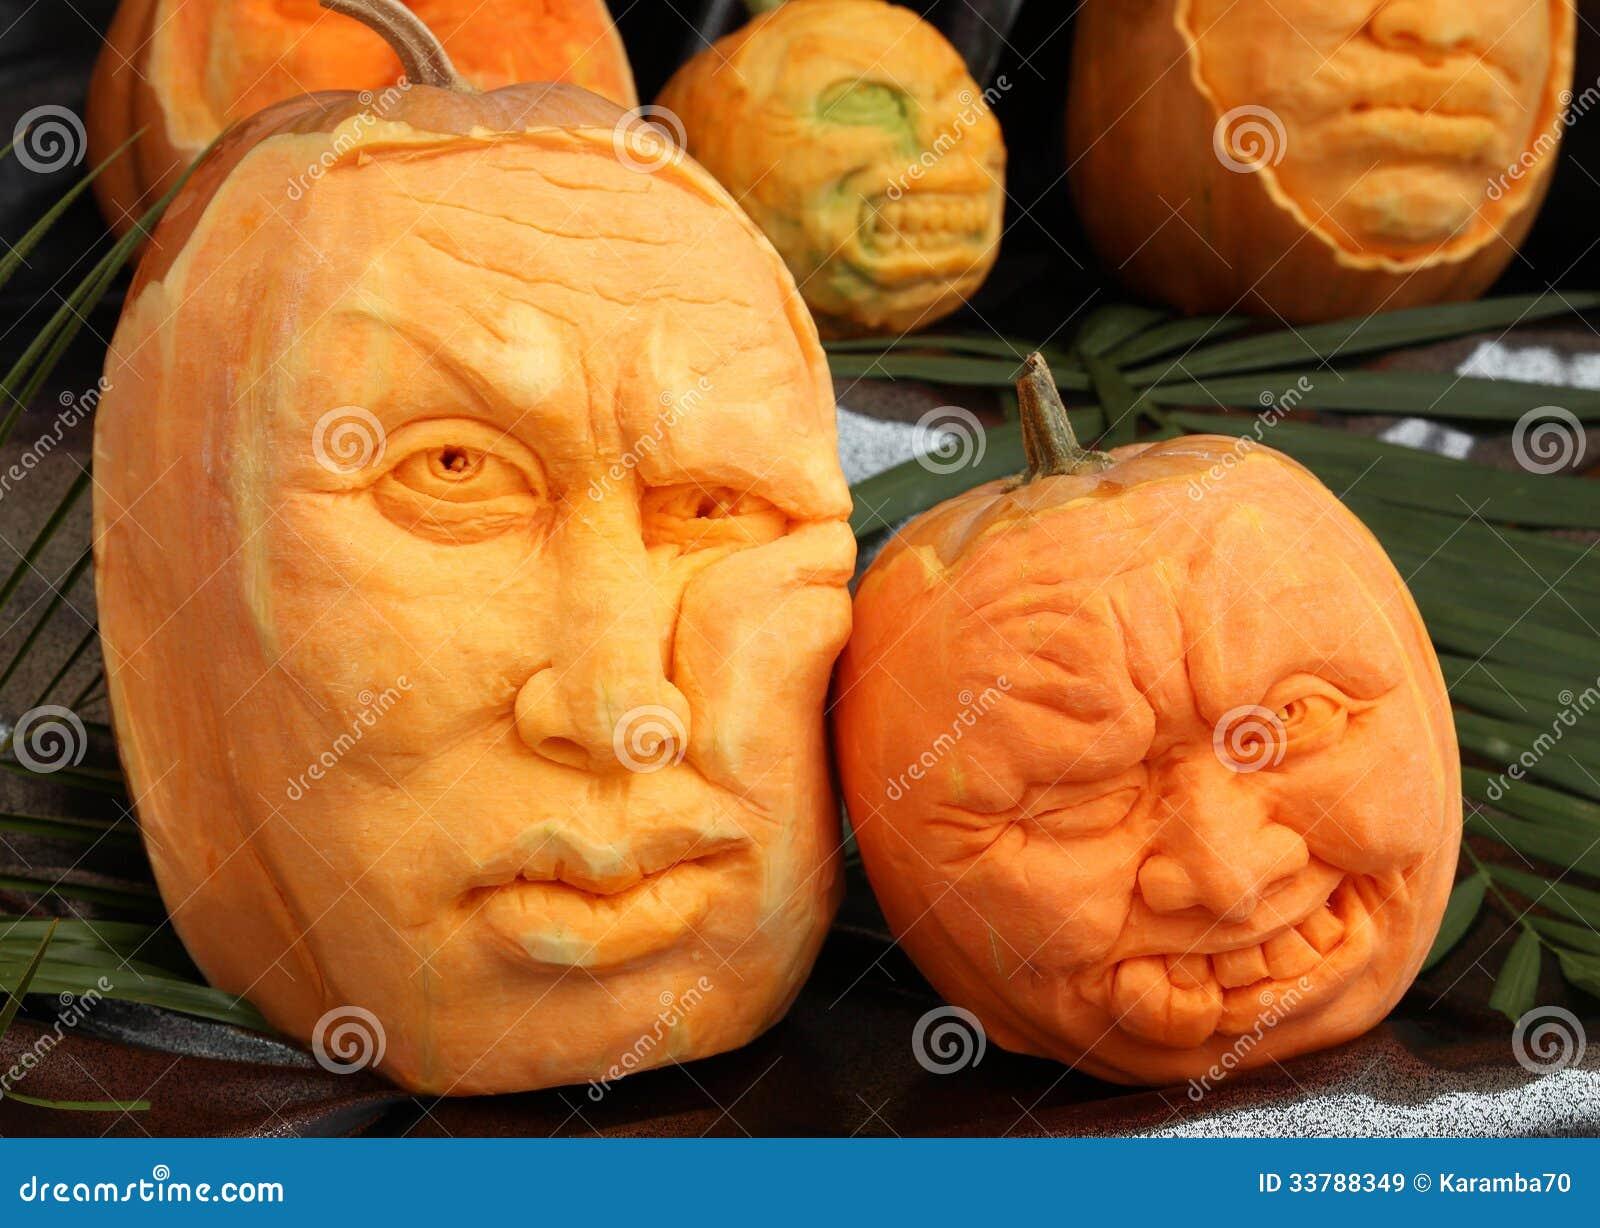 pumpkin carving royalty free stock images image 33788349. Black Bedroom Furniture Sets. Home Design Ideas